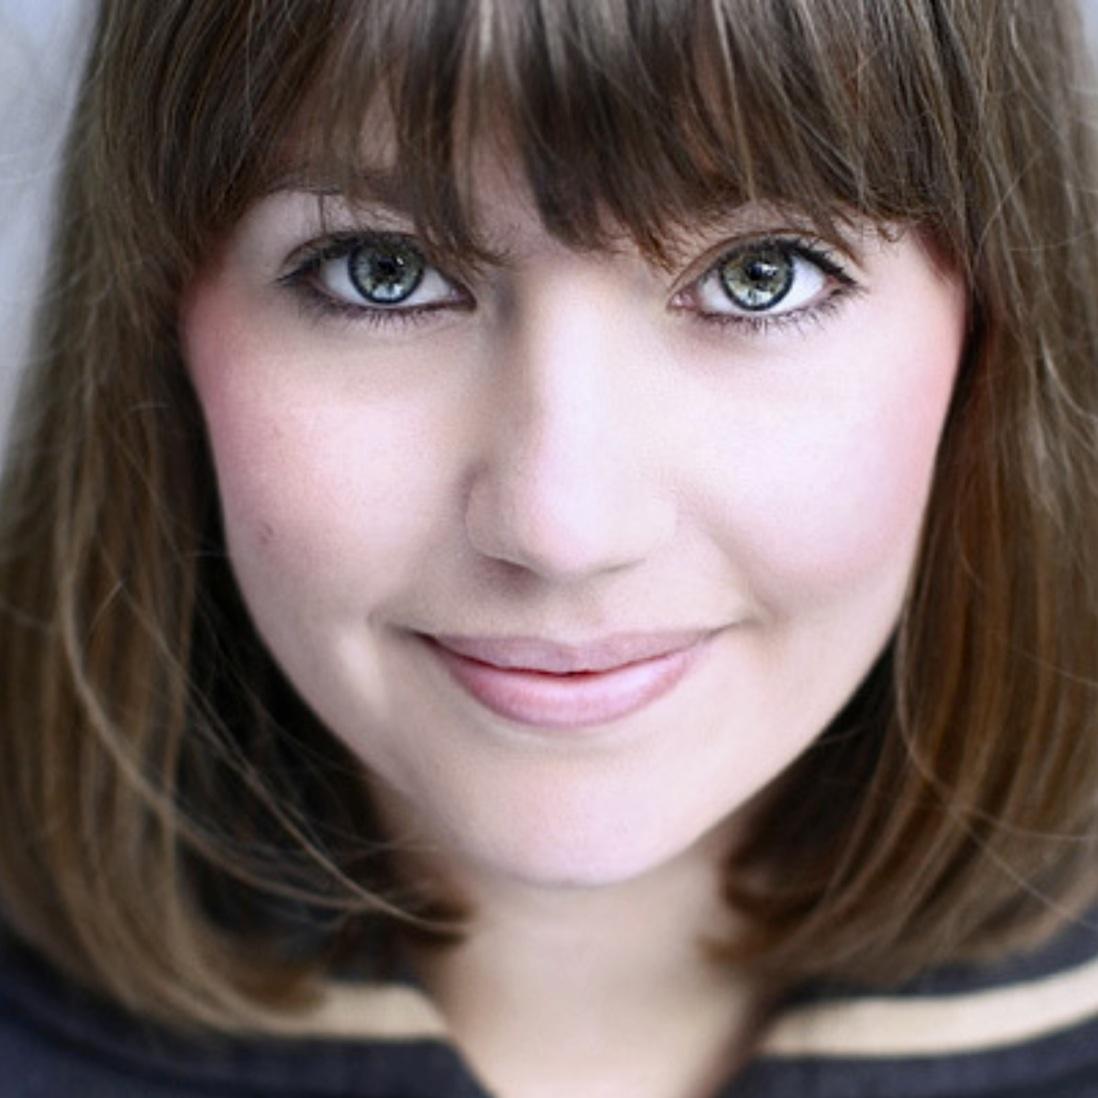 Katie Pritchard 'Storm Stud' July 4th